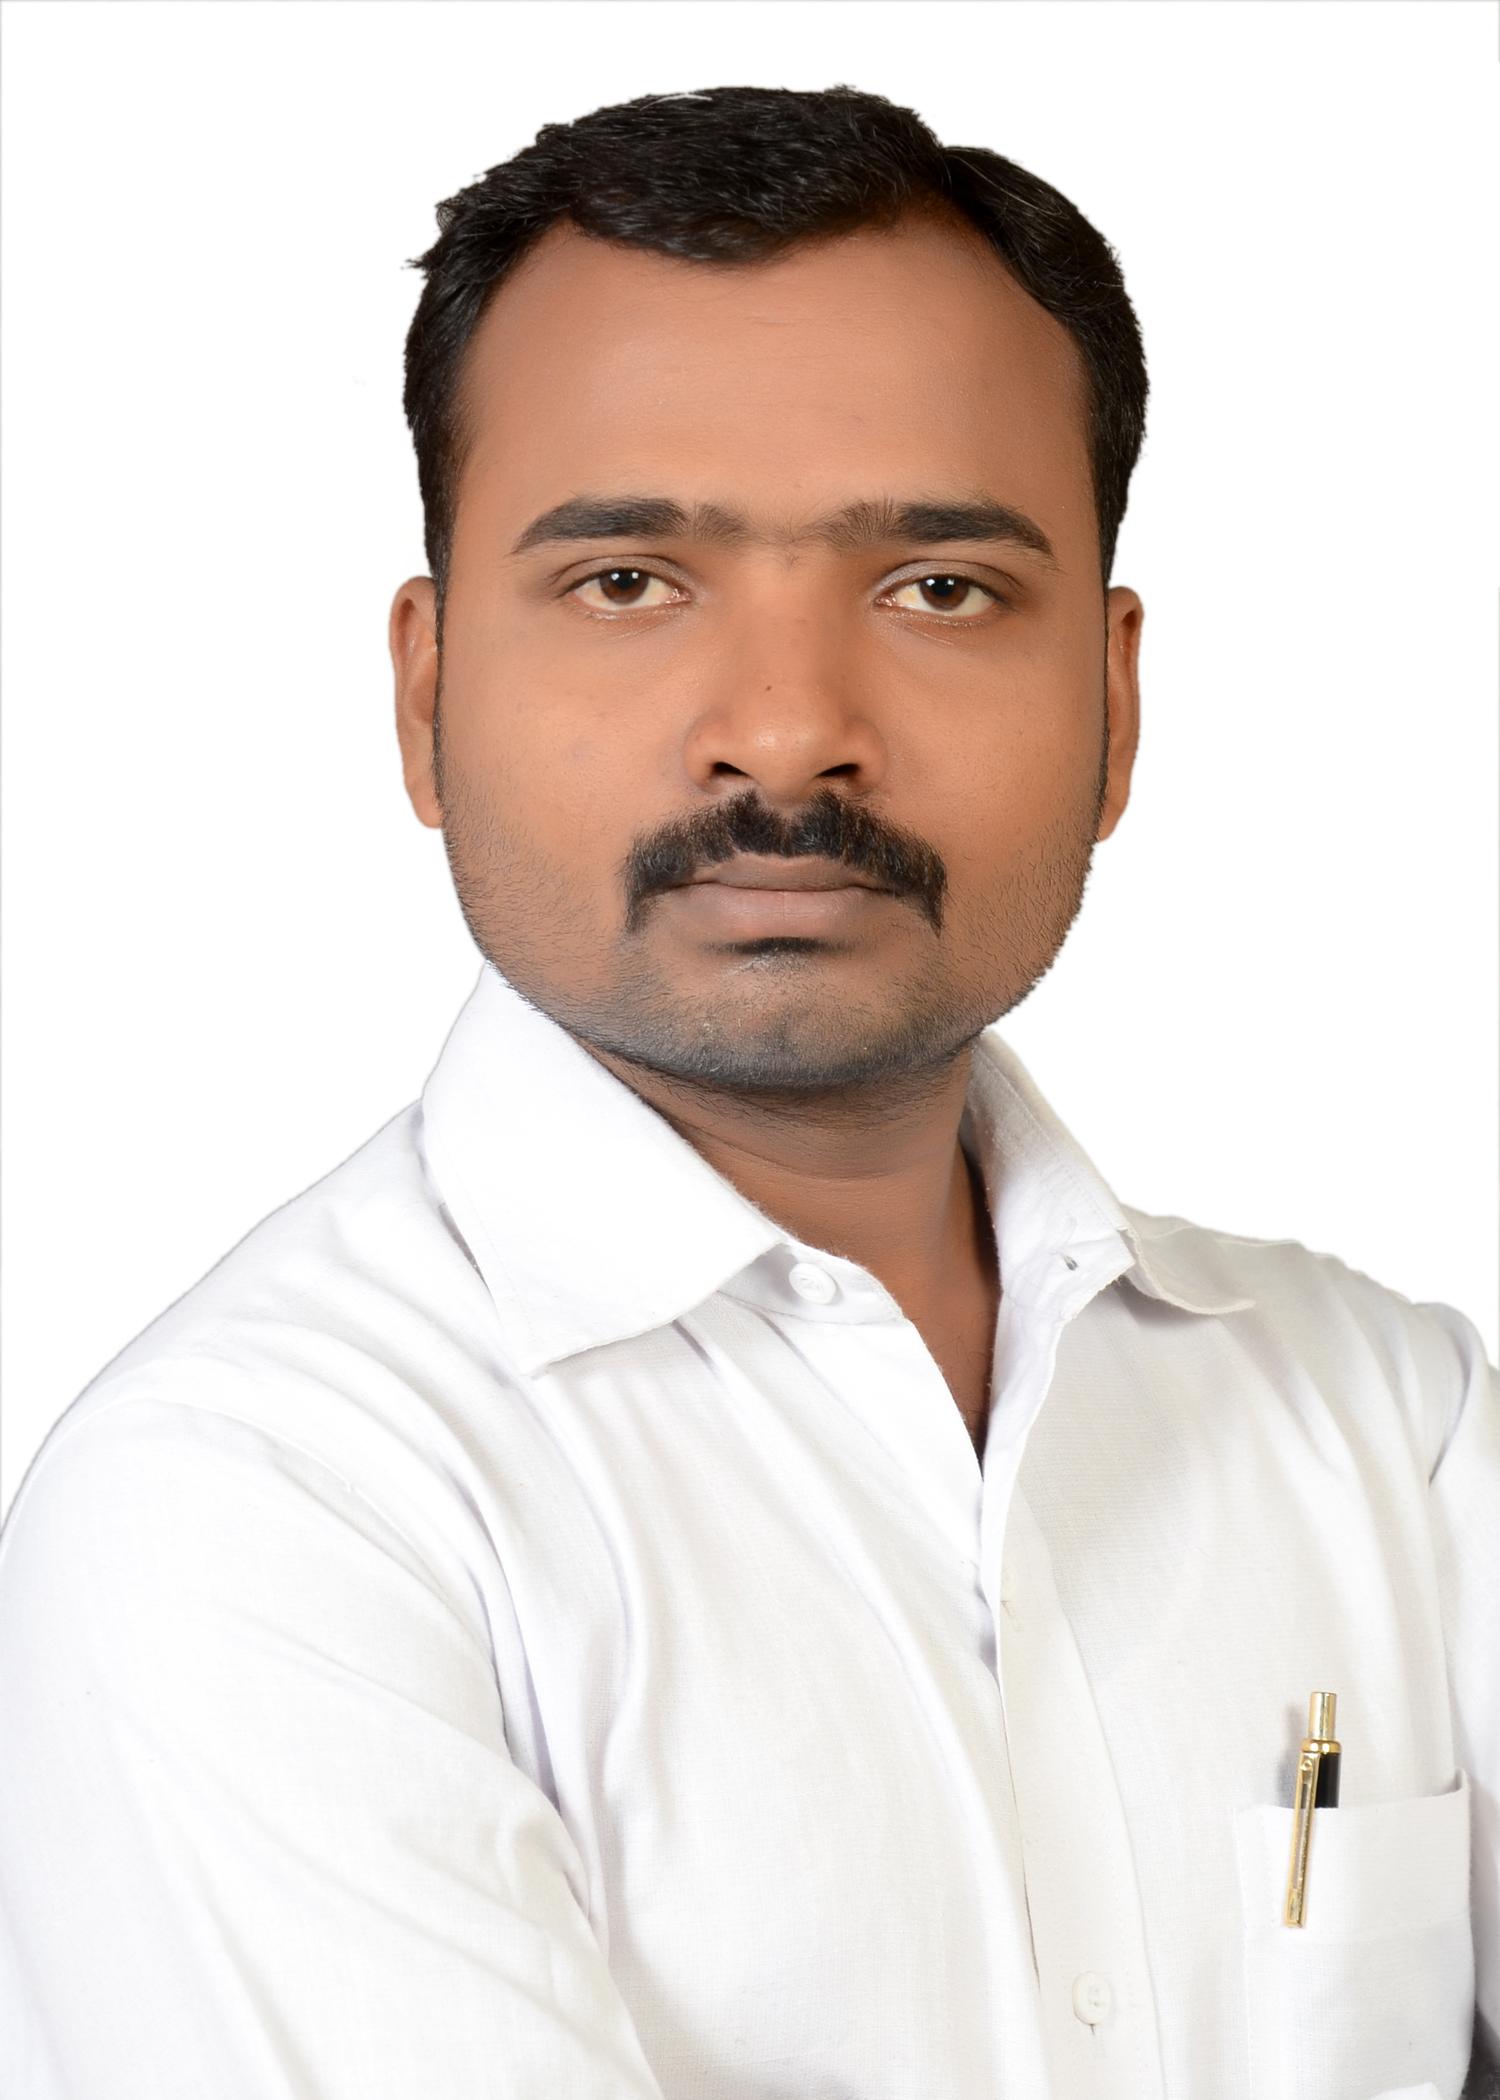 सचिन श्रीवास्तव, संवाददाता नवी मुंबई